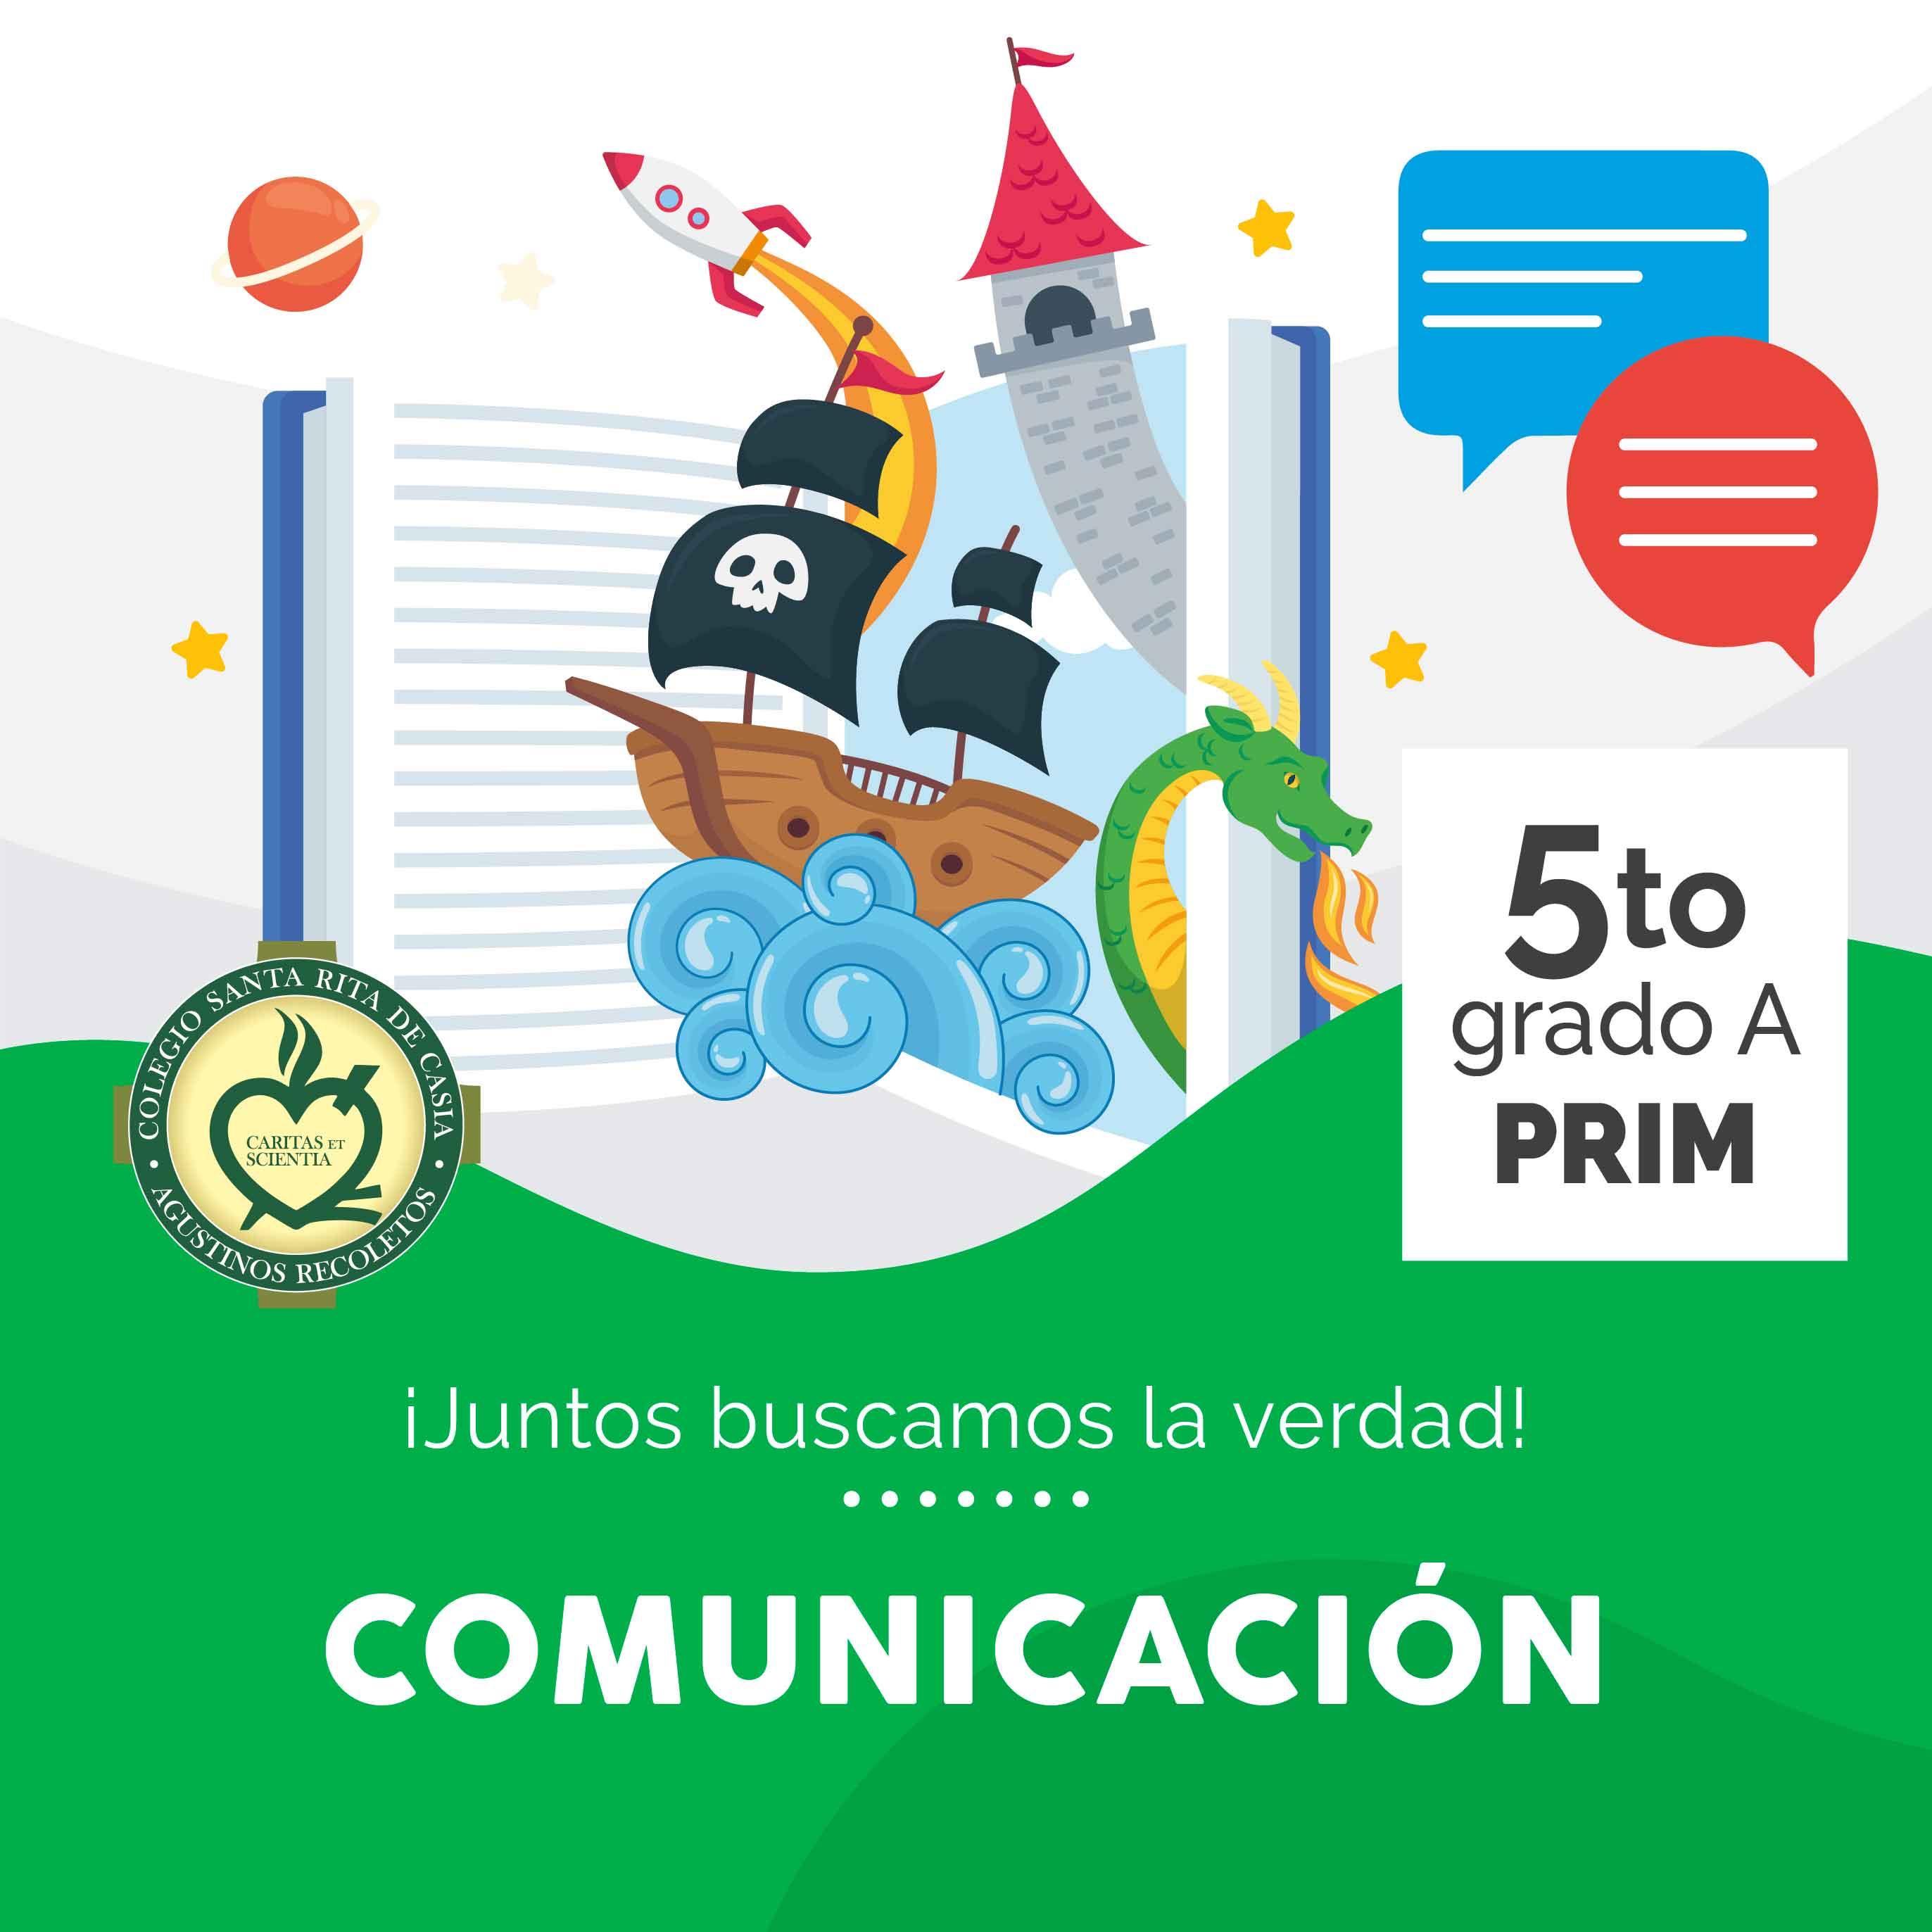 Comunicación 5to Grado A